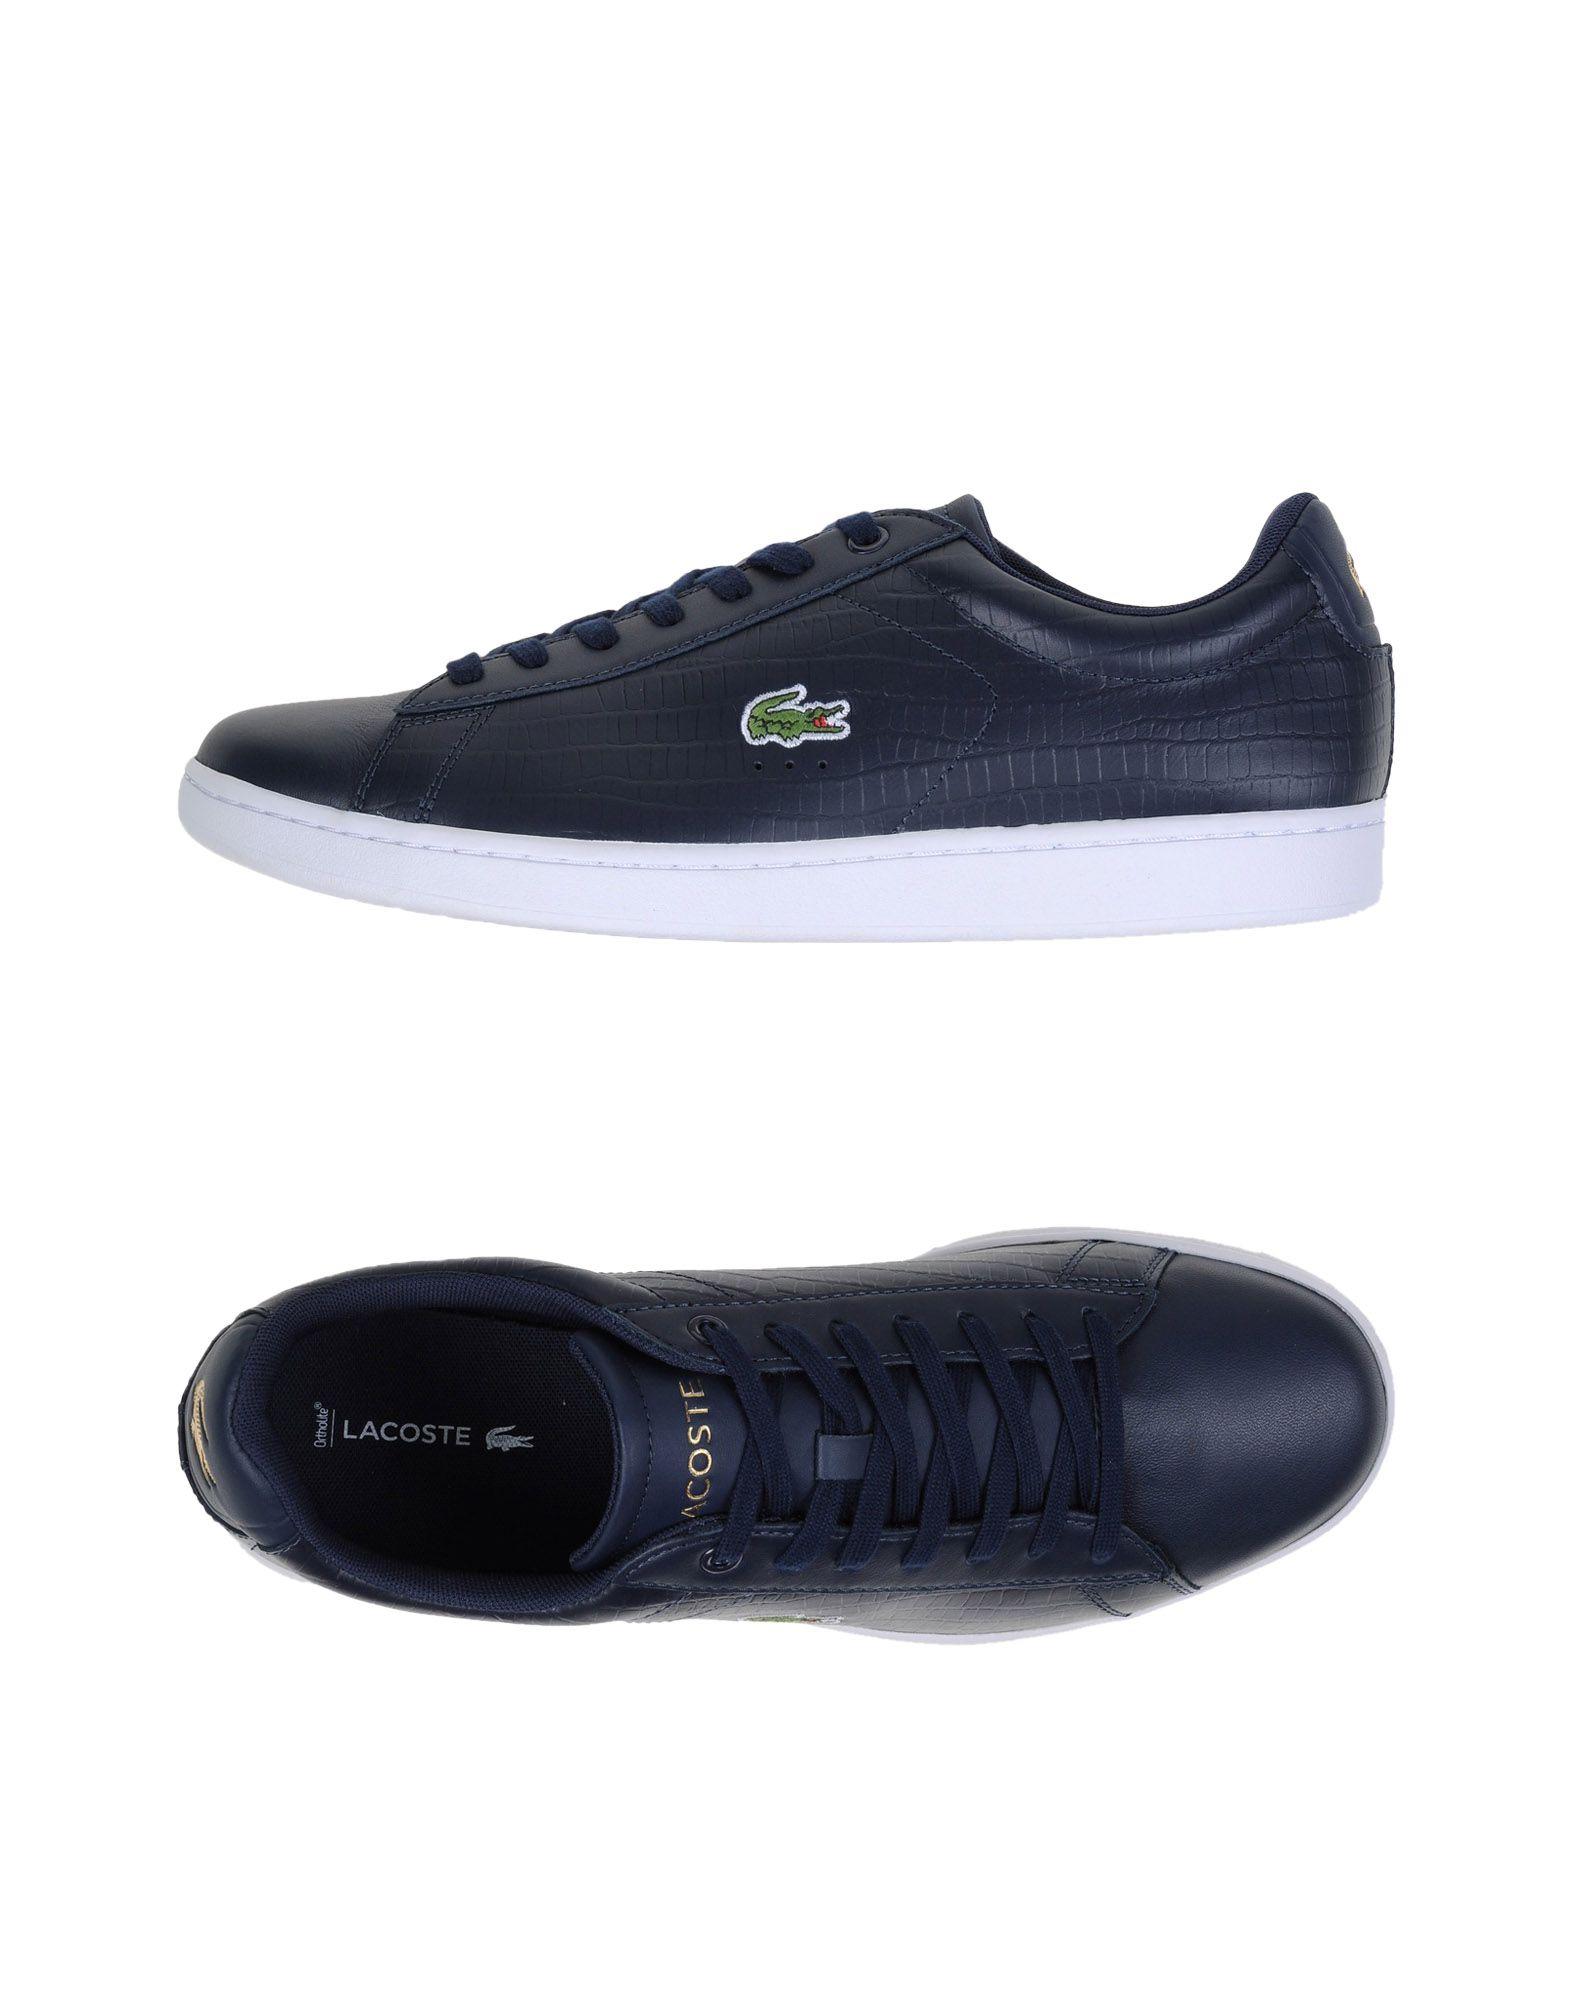 Sneakers Lacoste Carnaby Evo G316 5 - Homme - Sneakers Lacoste  Bleu foncé Dernières chaussures discount pour hommes et femmes